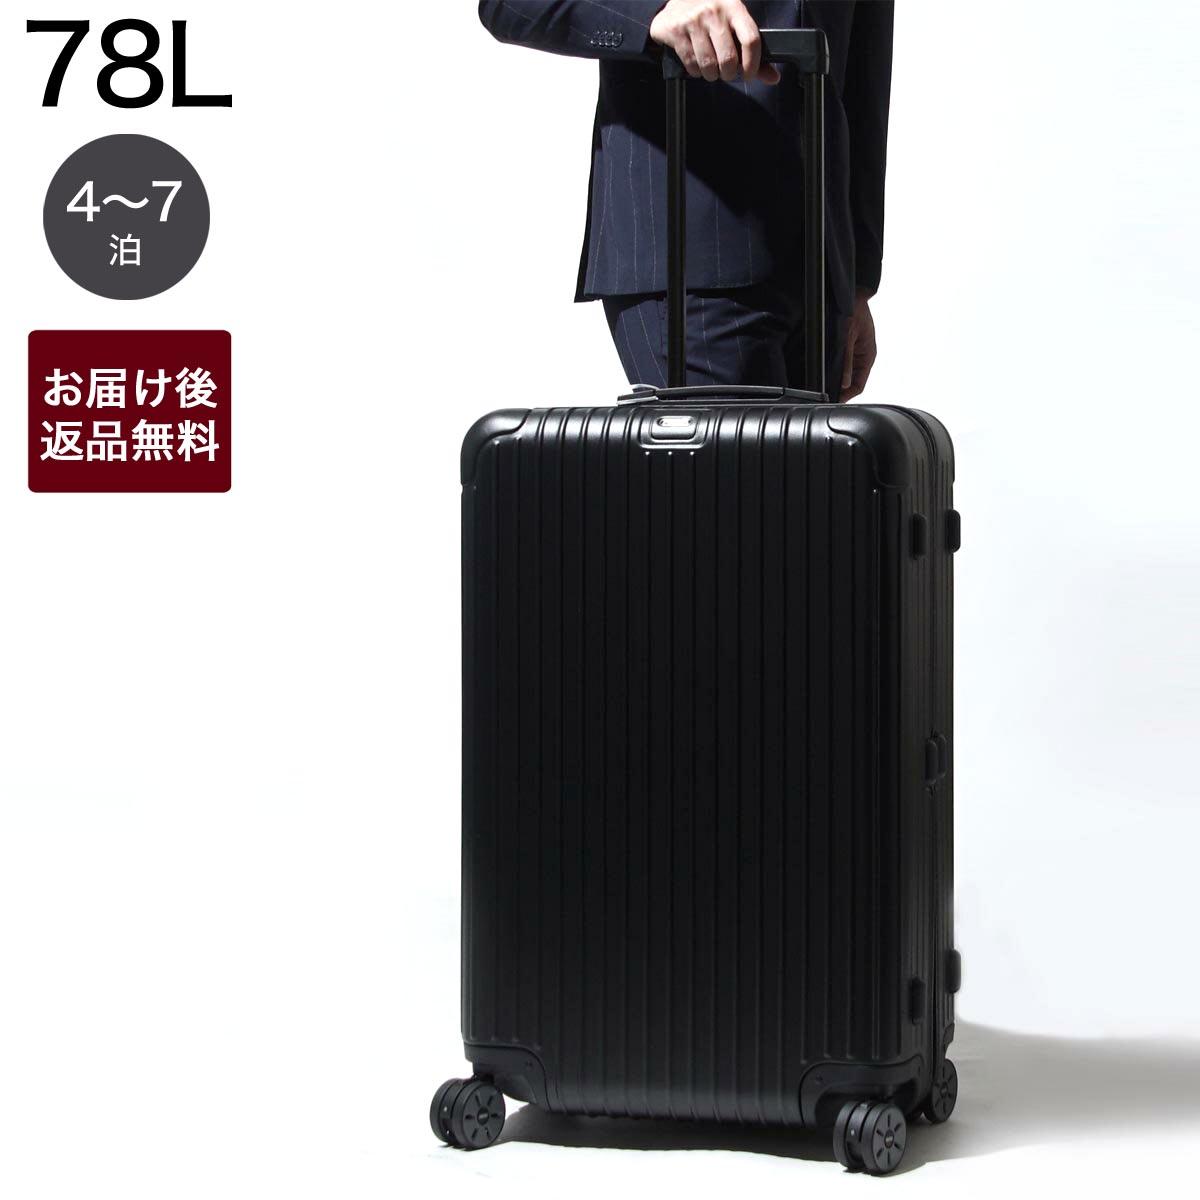 リモワ RIMOWA スーツケース キャリーケース ブラック メンズ レディース 旅行 大容量 トラベル 810.70.32.4 SALSA 70 MULTIWHEEL 78L サルサ【返品送料無料】【181106】【あす楽対応_関東】